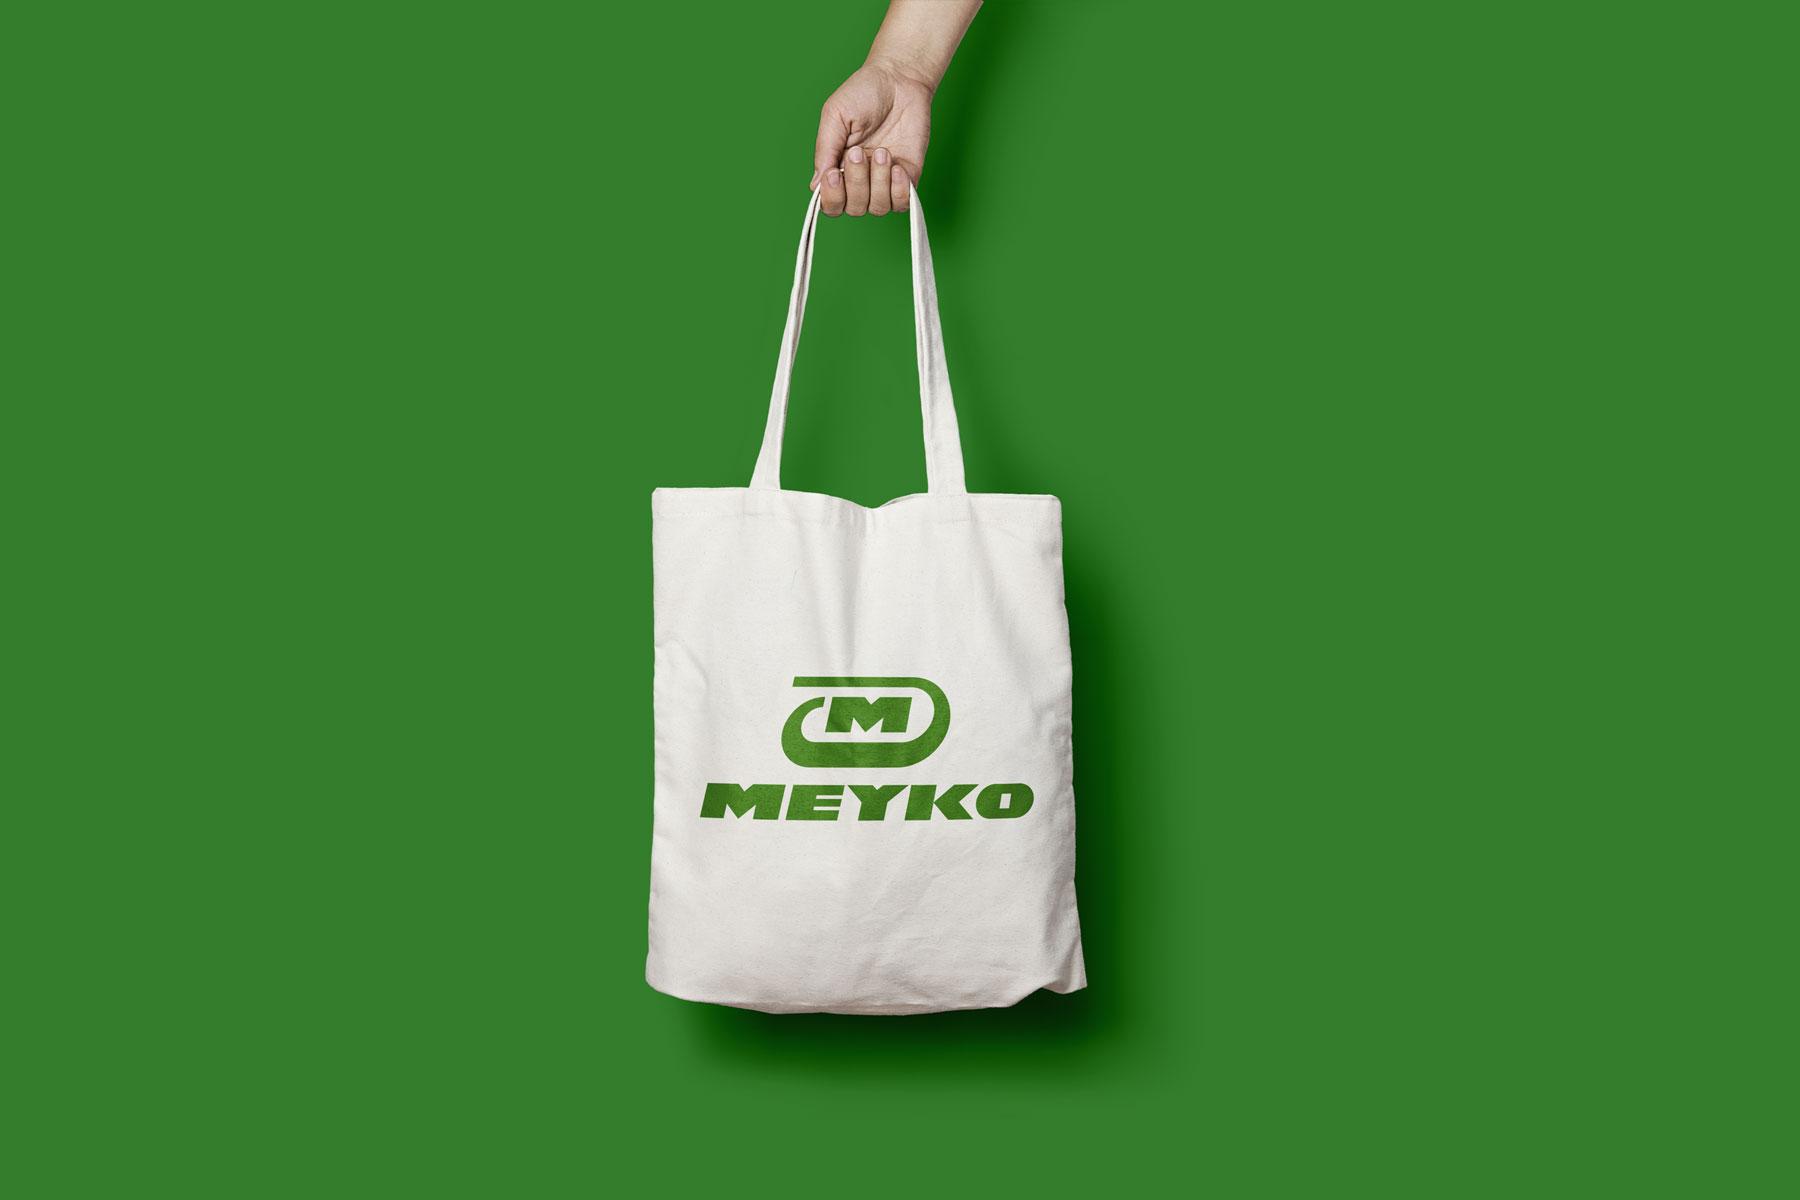 Auf einer Jutetüte sieht man das Logo von Meyko, dem Spezialisten für Garten- und Kommunaltechnik. Das